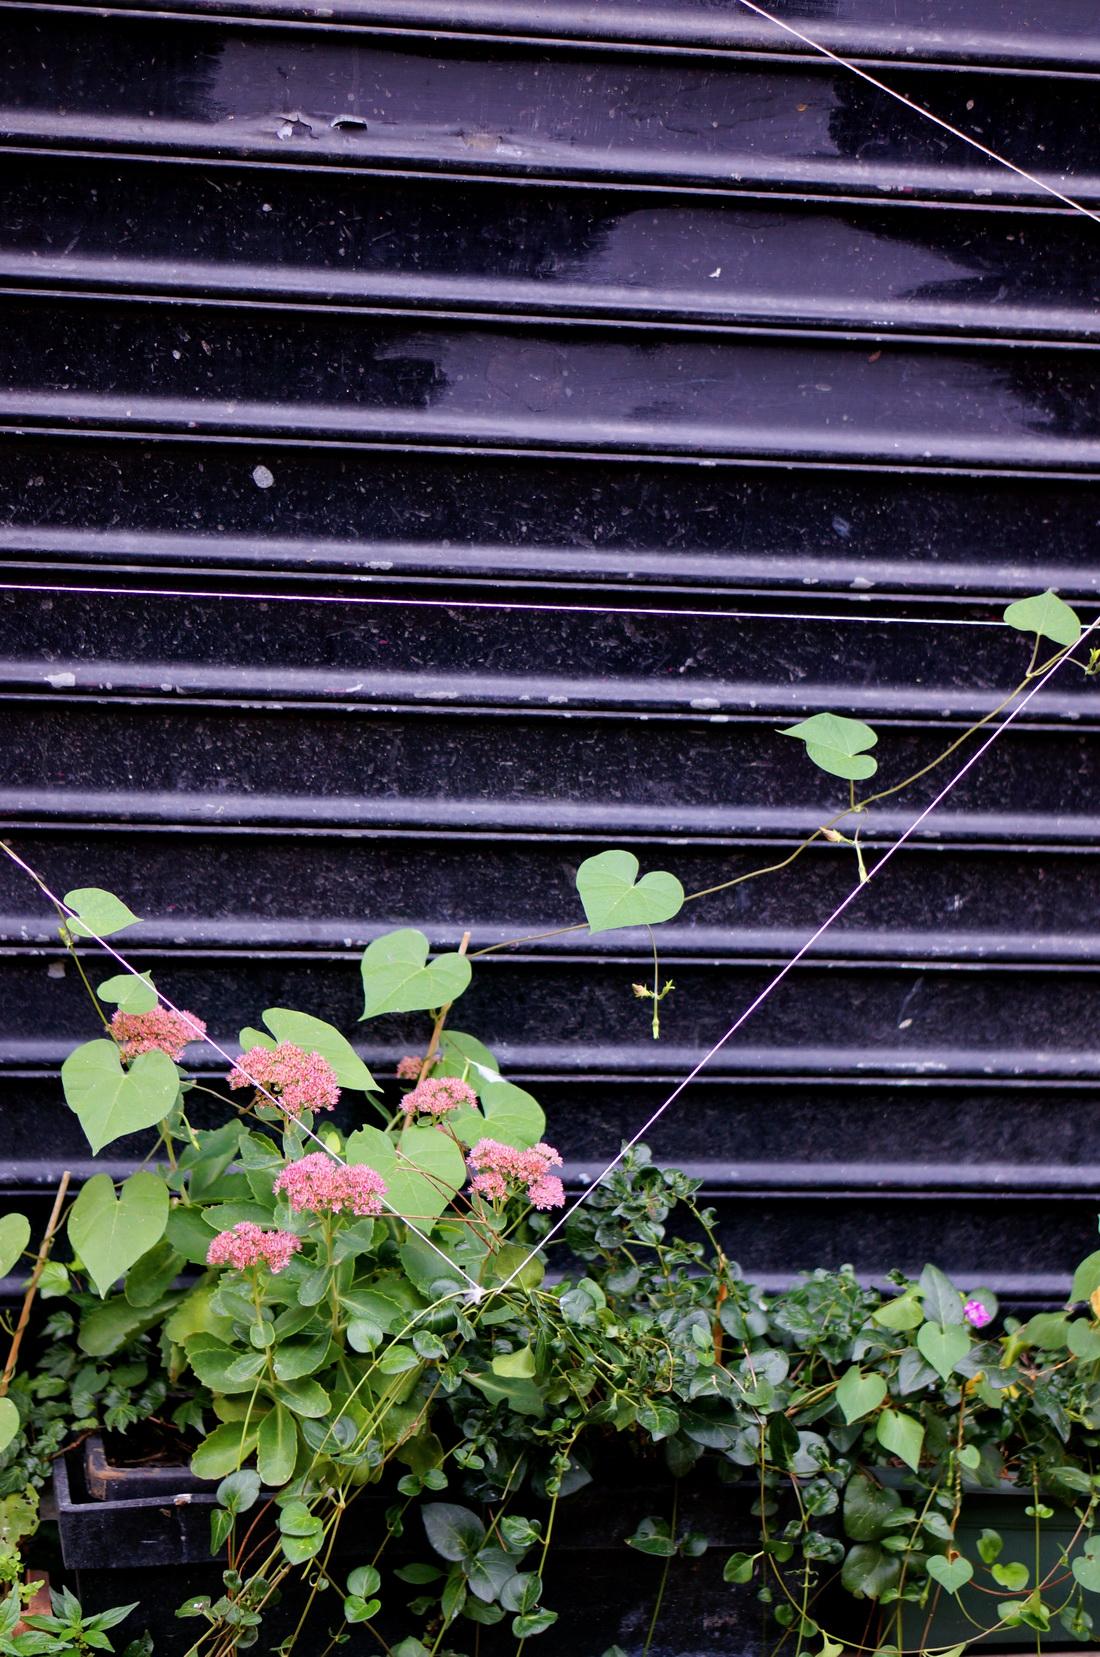 33 rue des vignoles, nueve 33, nueve paris, impasse secrète paris, paris secret